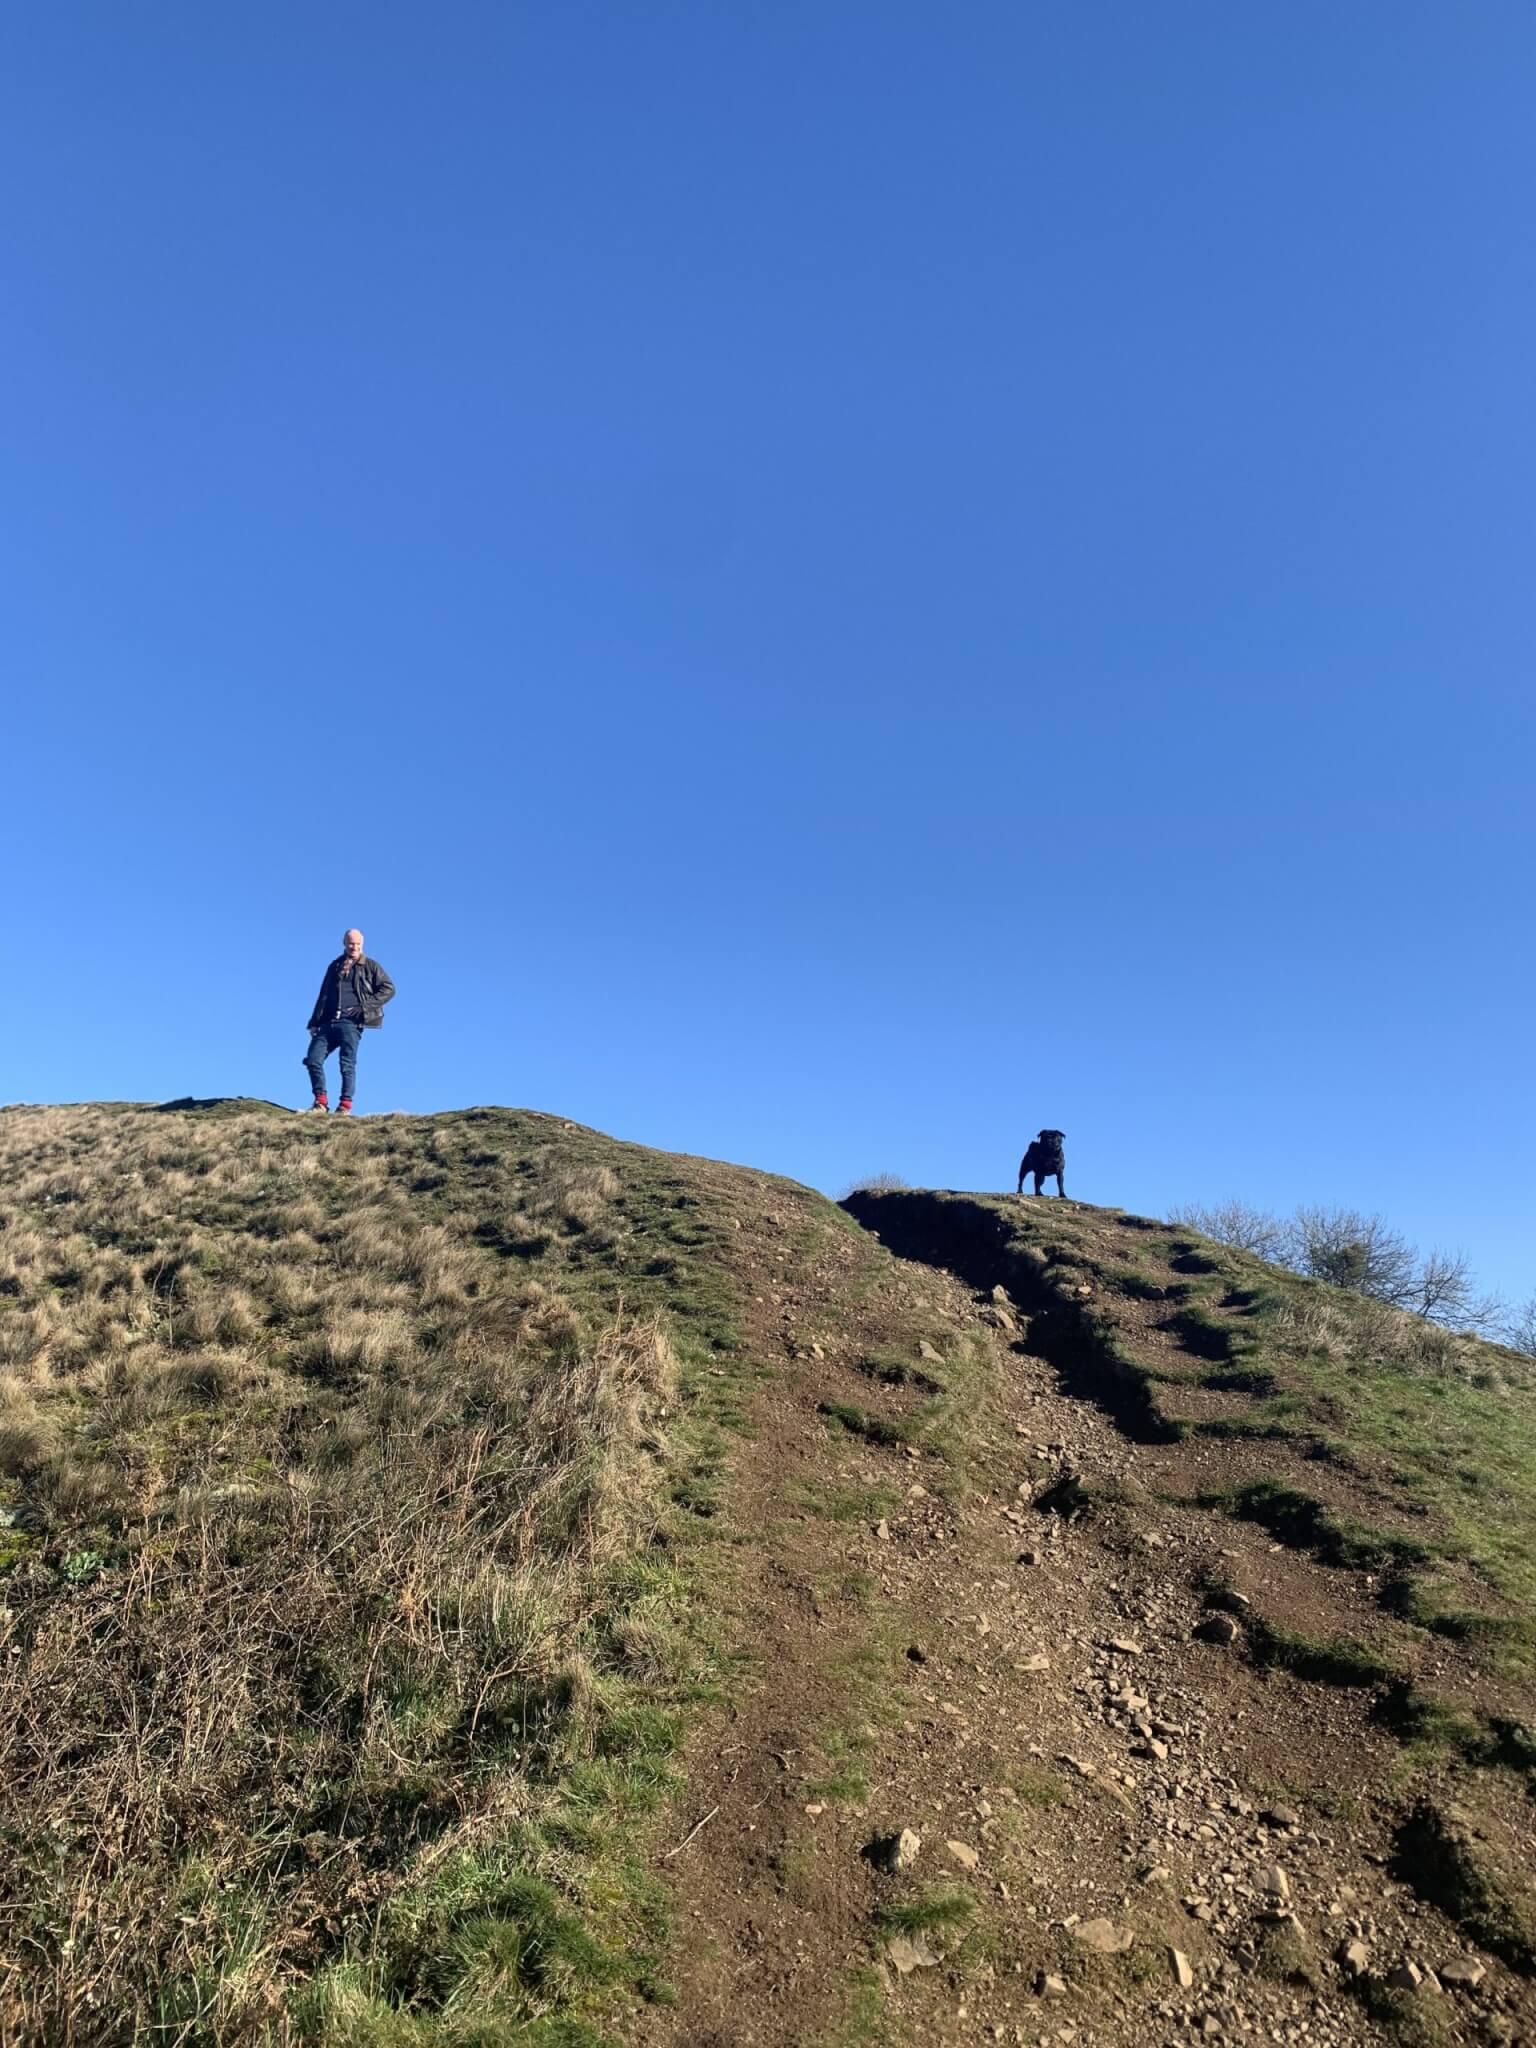 Climbing up to Midsummer Hill